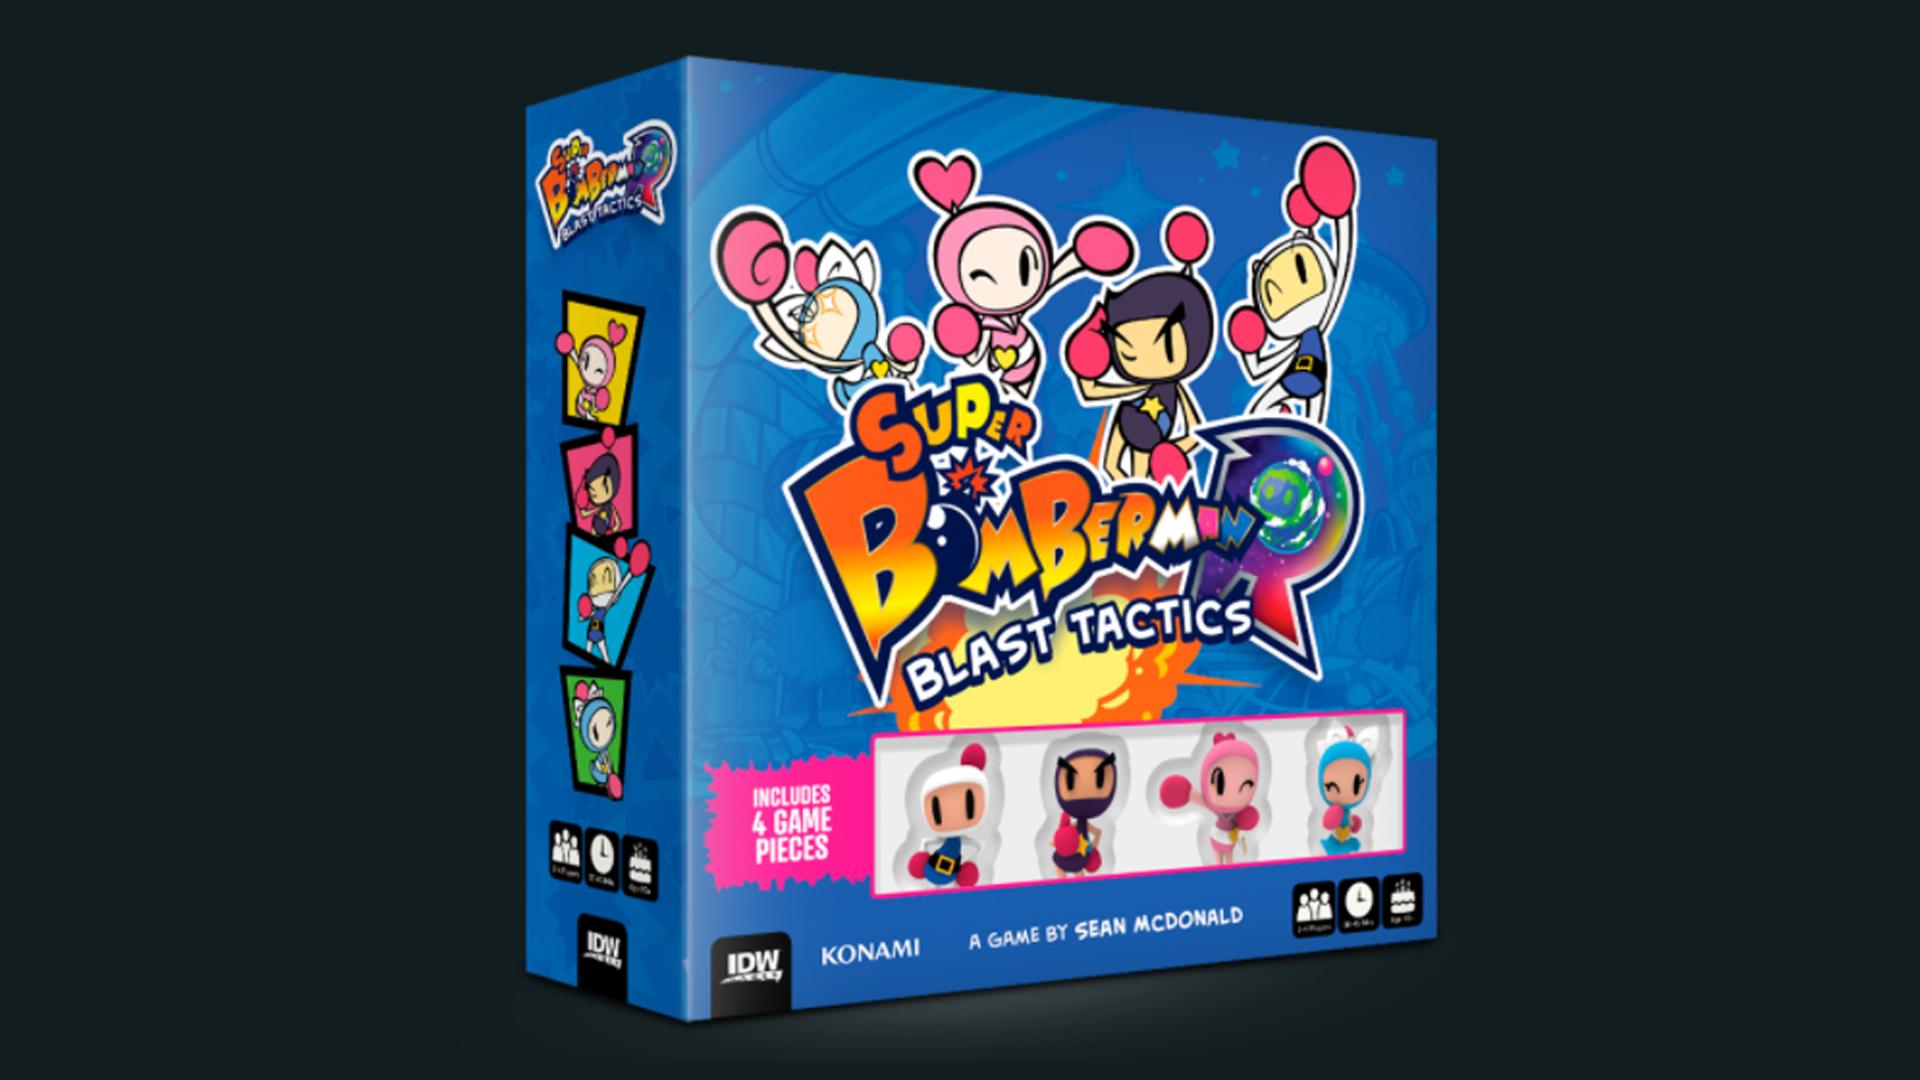 Super Bomberman R Blast Tactics box art Art Potions